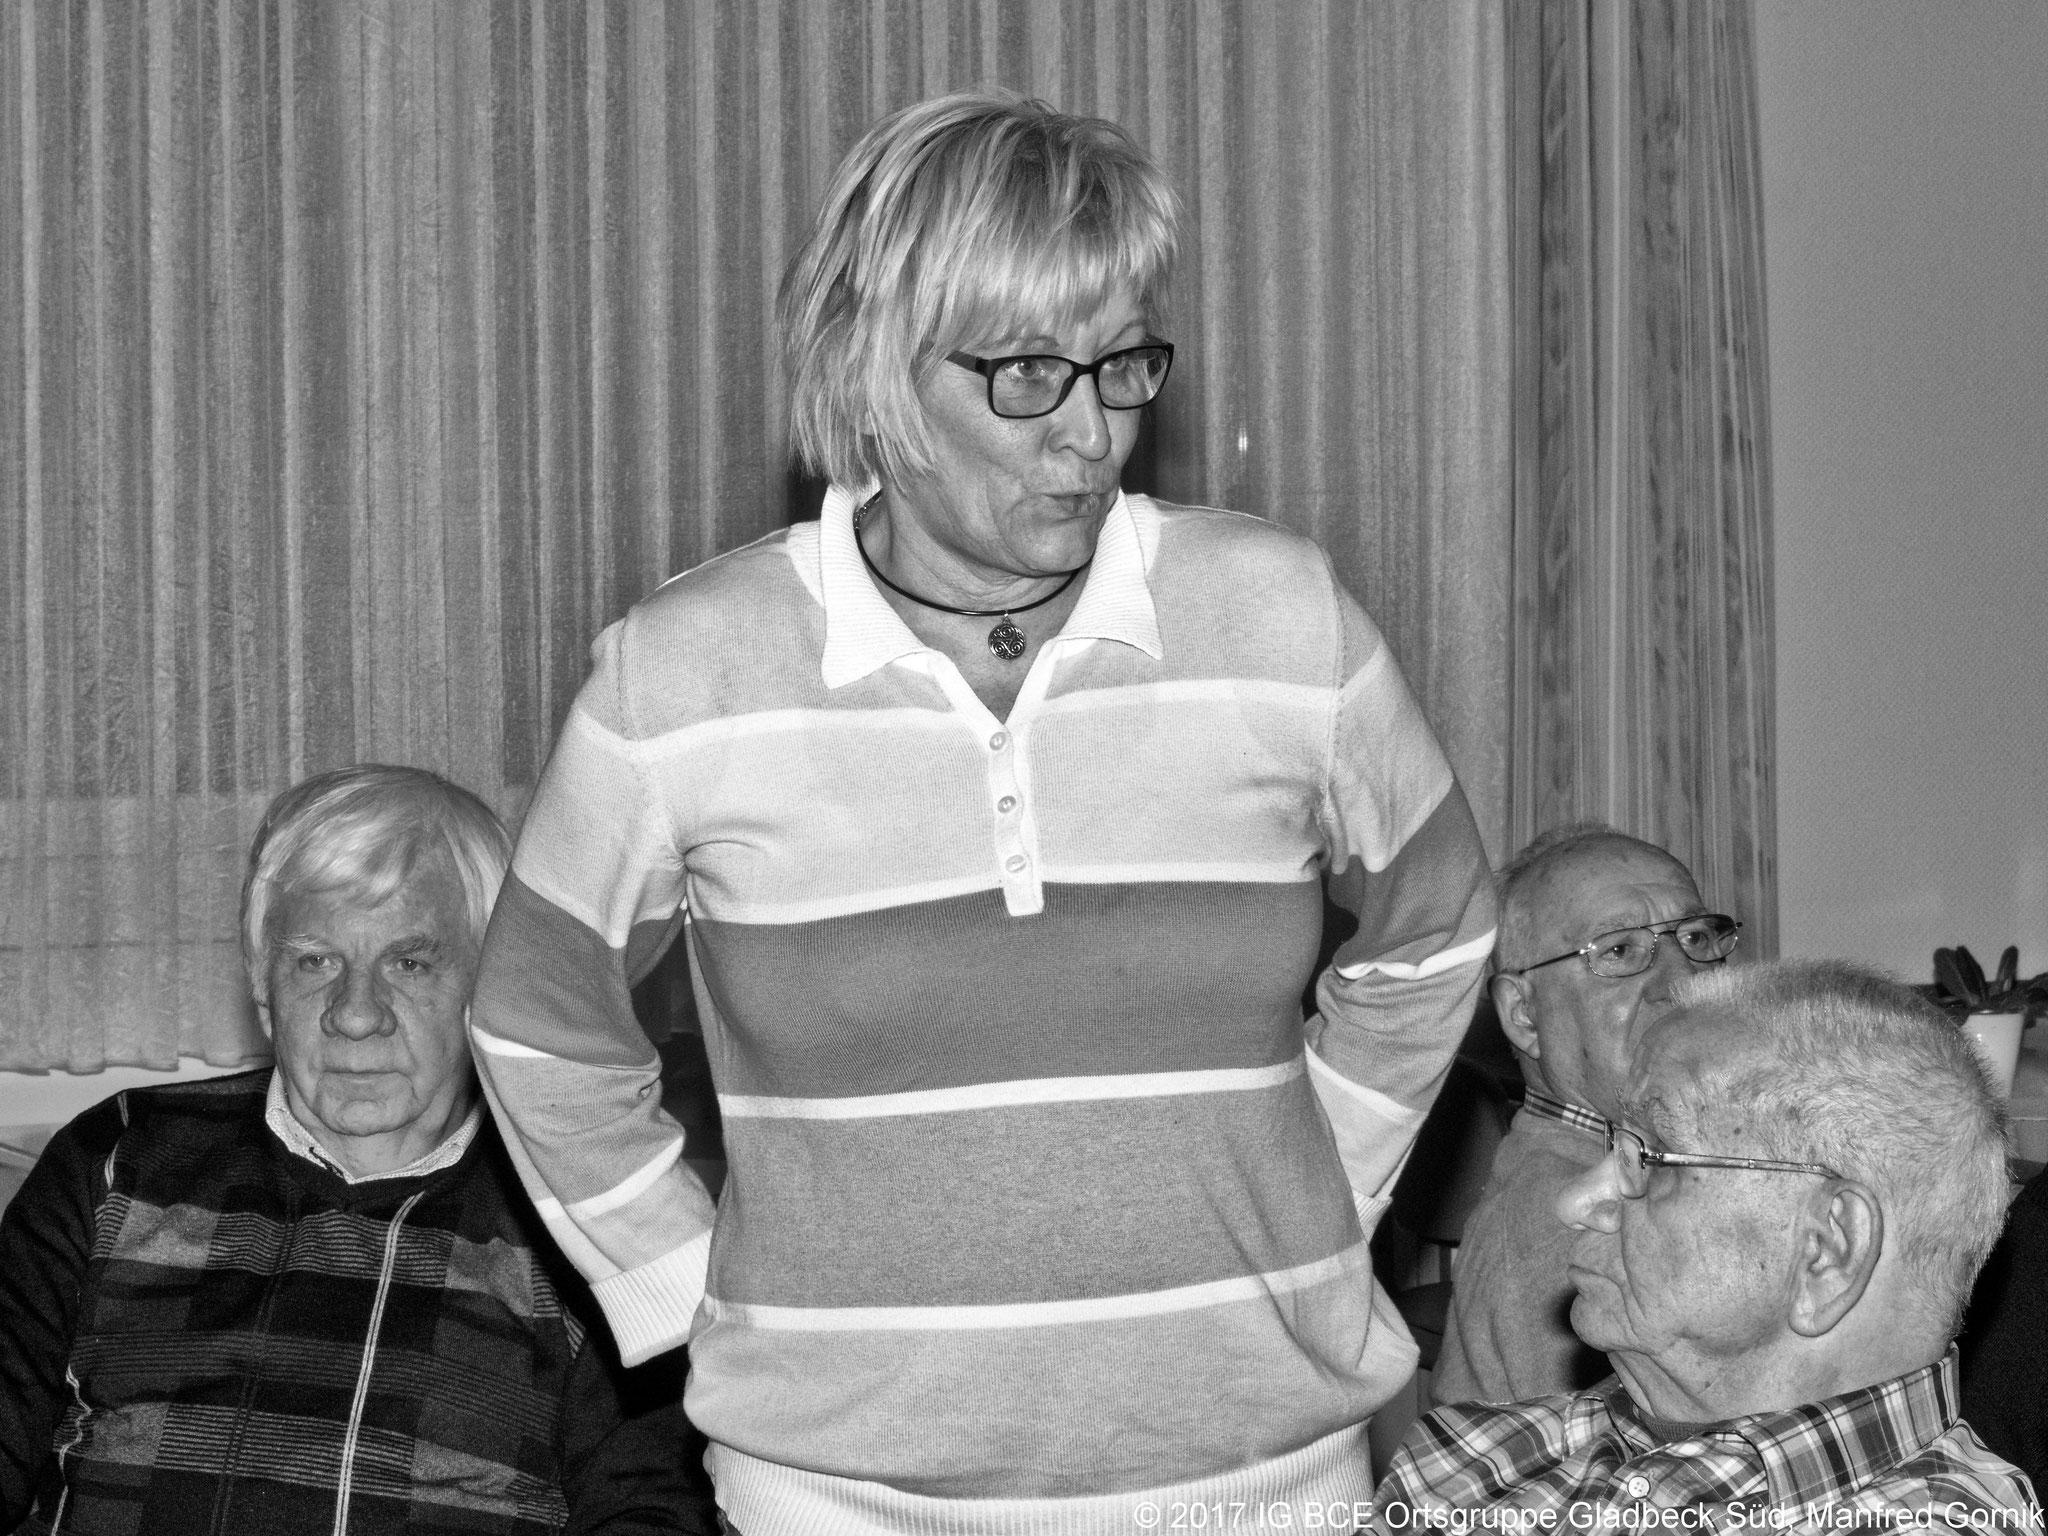 Revisorin Brigitte hält den Bericht über die Kassenprüfung.